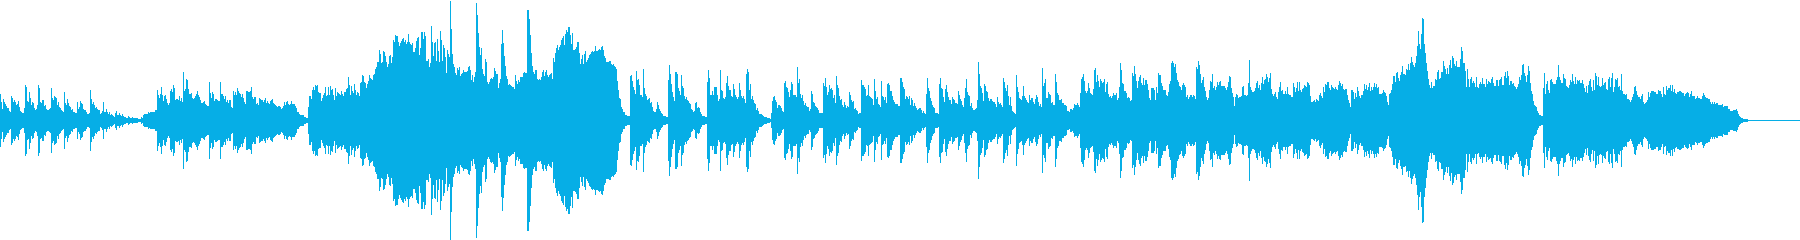 イルミネーションの美しいイメージの曲の再生済みの波形